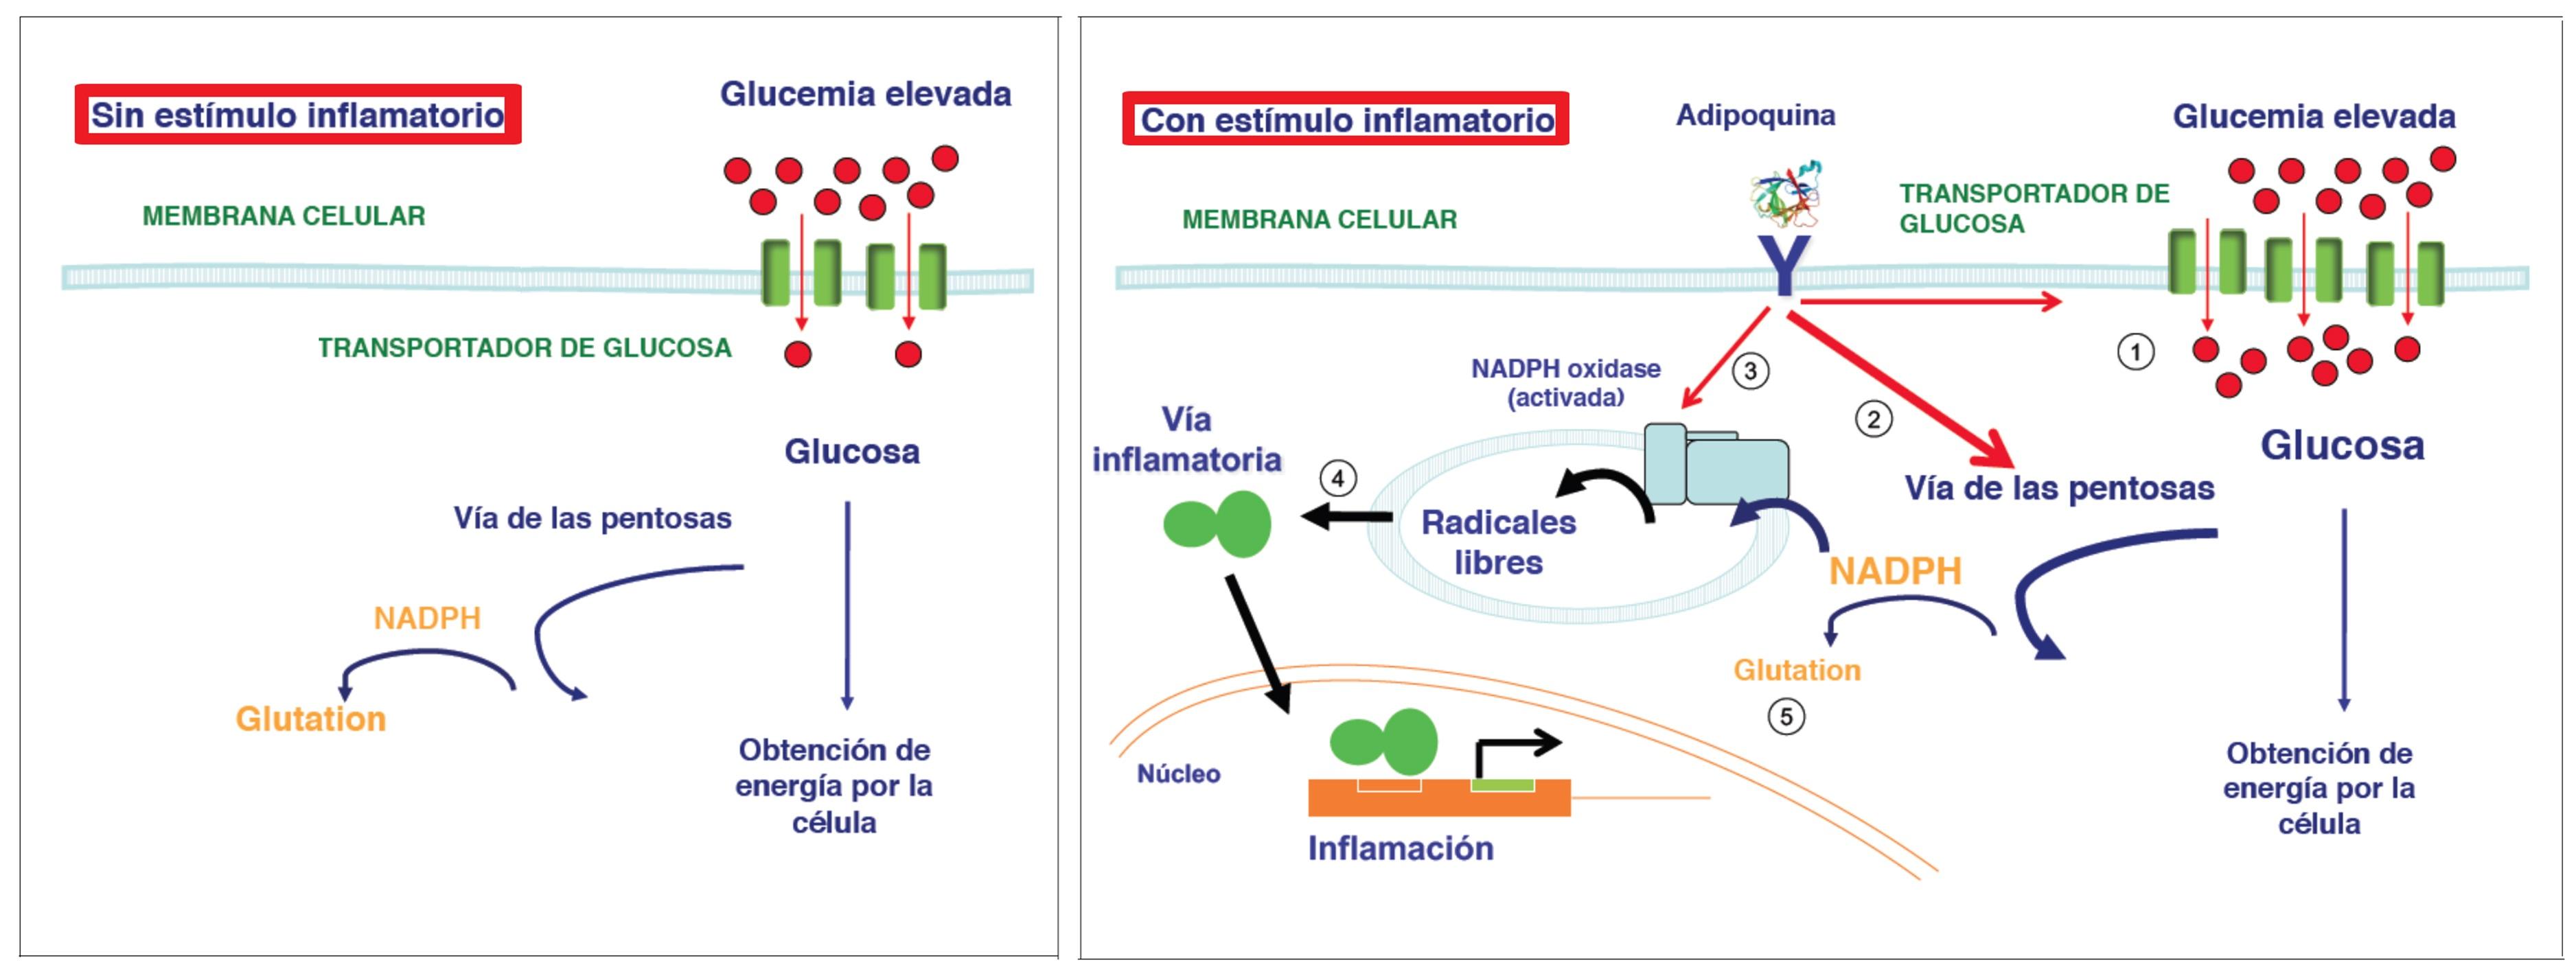 causas de aumento y disminucion de glucosa en sangre